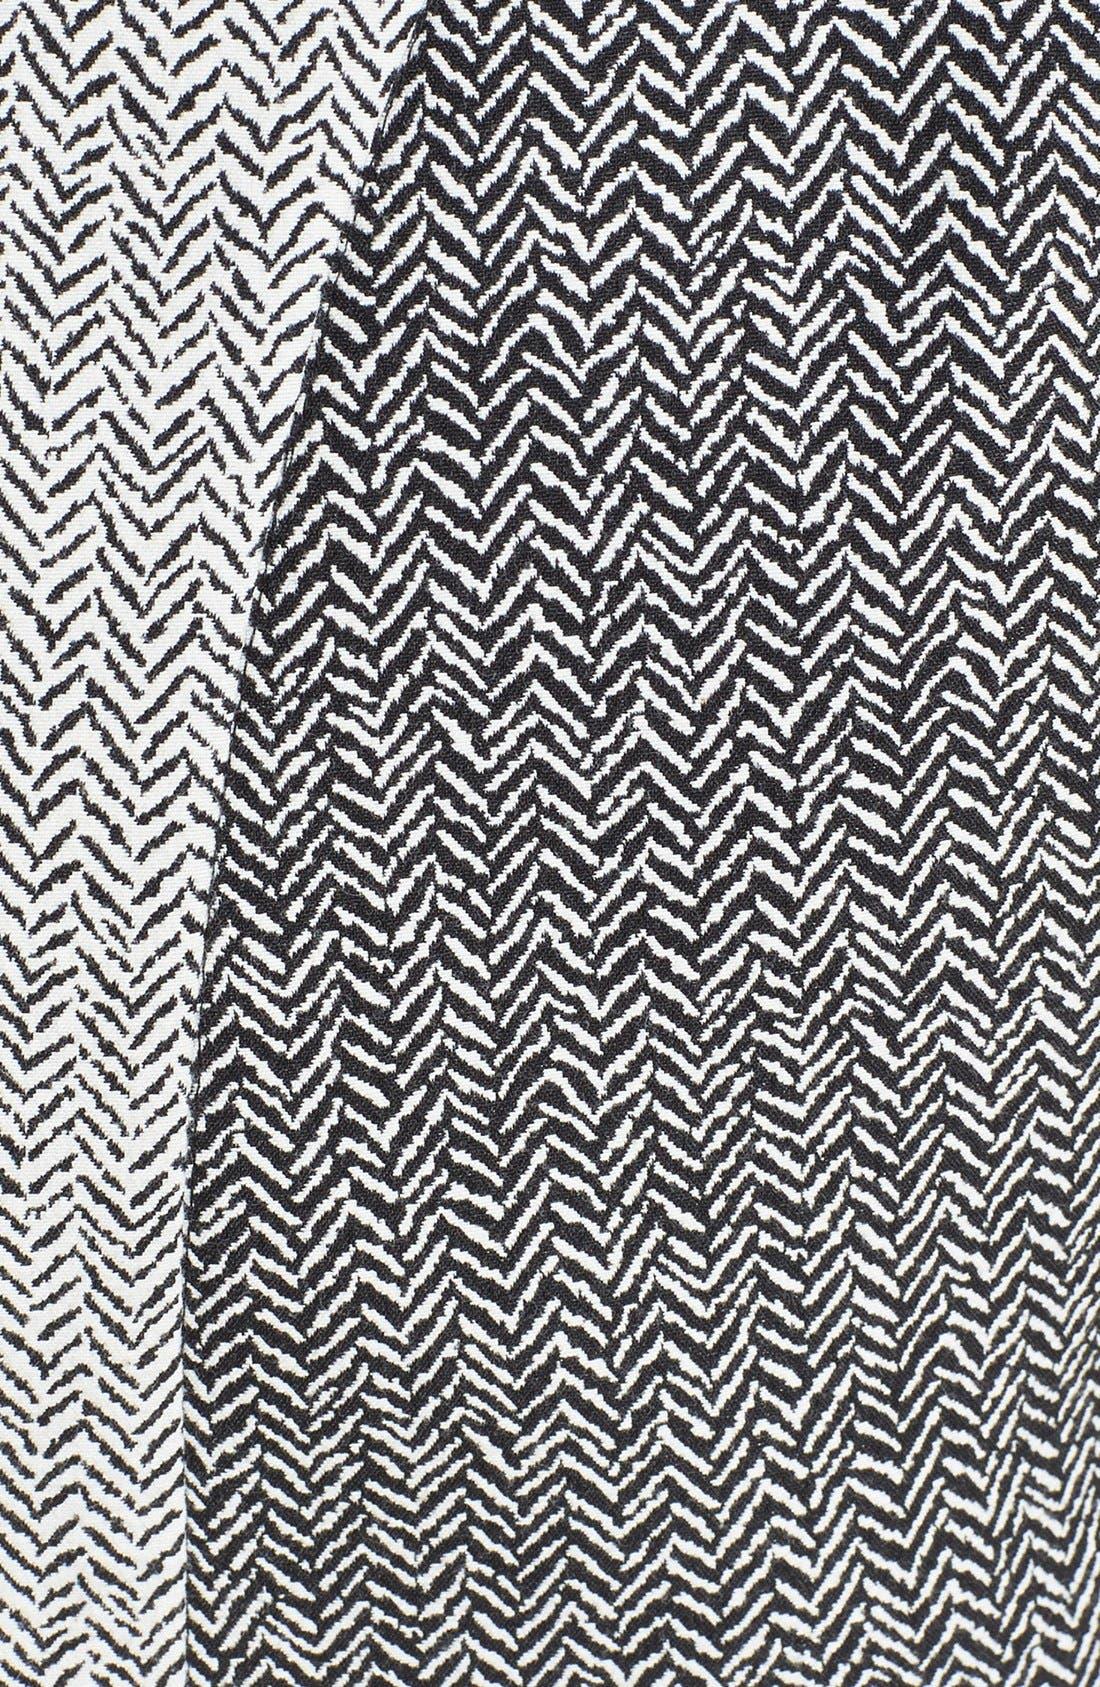 ZZDNU RACHEL RACHEL ROY,                             Rachel Roy Mix Chevron Jacquard Sheath Dress,                             Alternate thumbnail 2, color,                             010